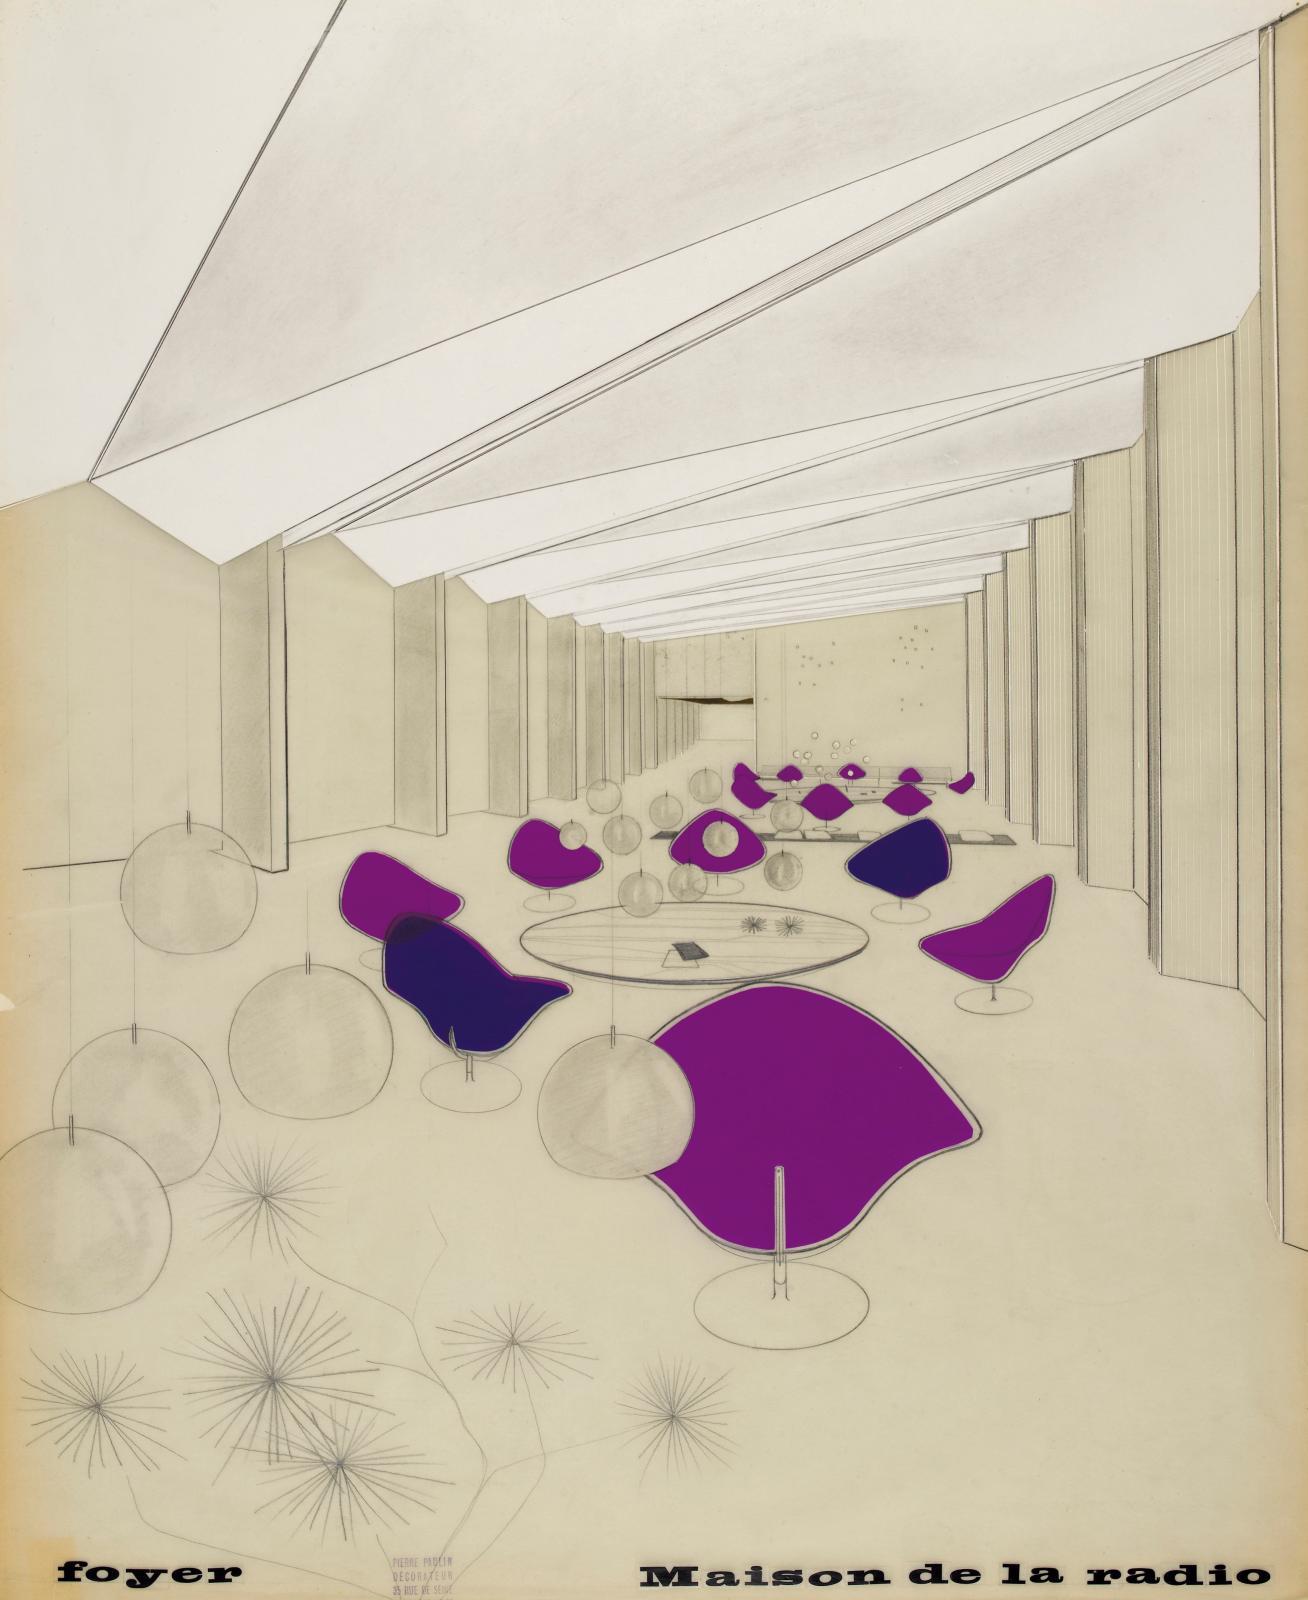 Pierre Paulin, Foyer des artistes de la Maison de la Radio, vue perspective, 1961, crayon, transfert couleur et collage de carton sur calq